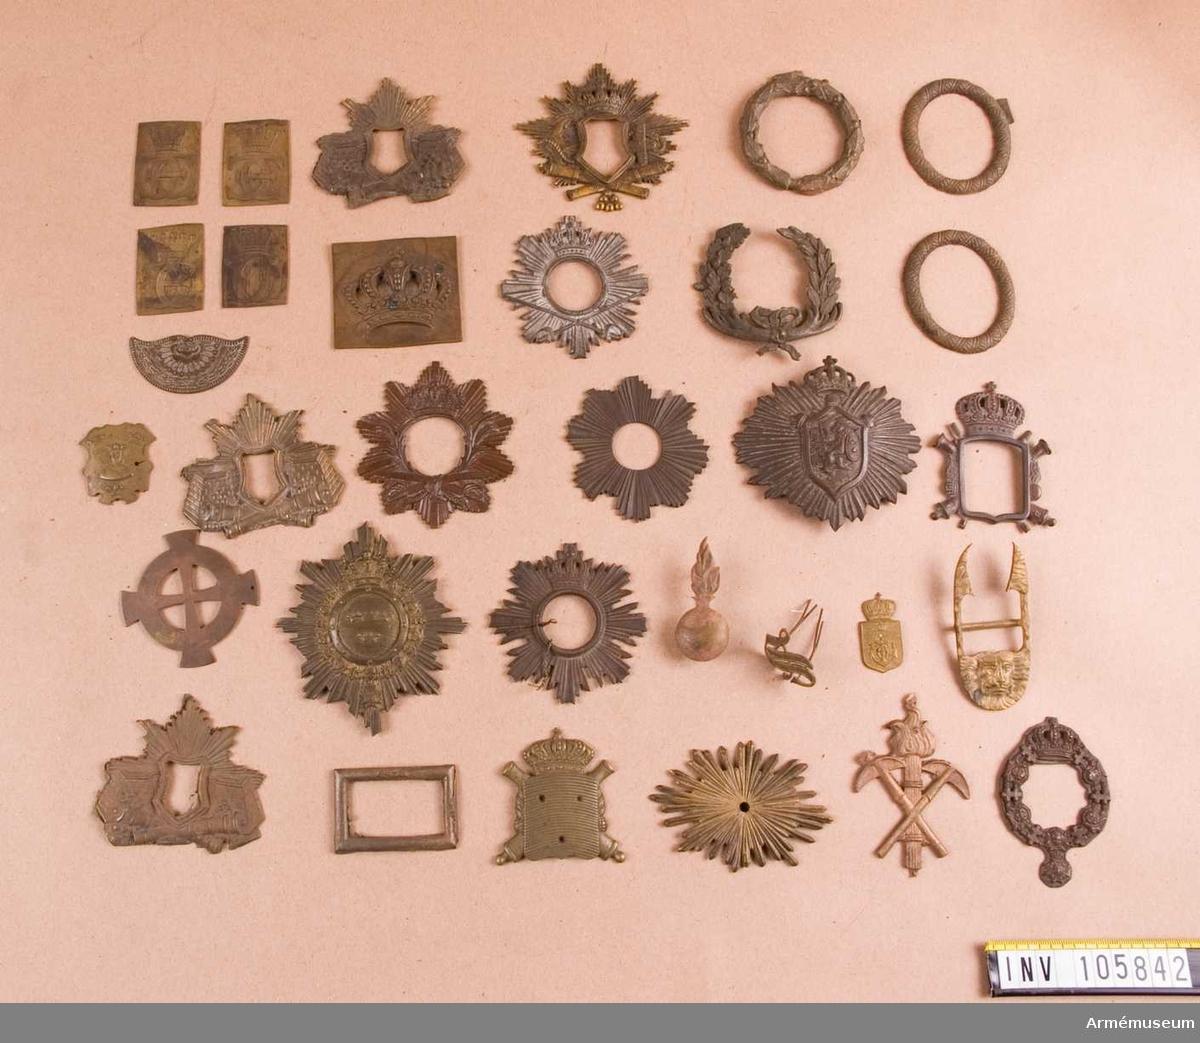 Beslag till kartuschväskor och remmar, samt ett antal obekanta. Bland annat ingår beslag till kartuschväskor för Wendes artilleriregemente, kavalleriet, kustartilleriet, Karlsborgs artilleri och för jägmästare.